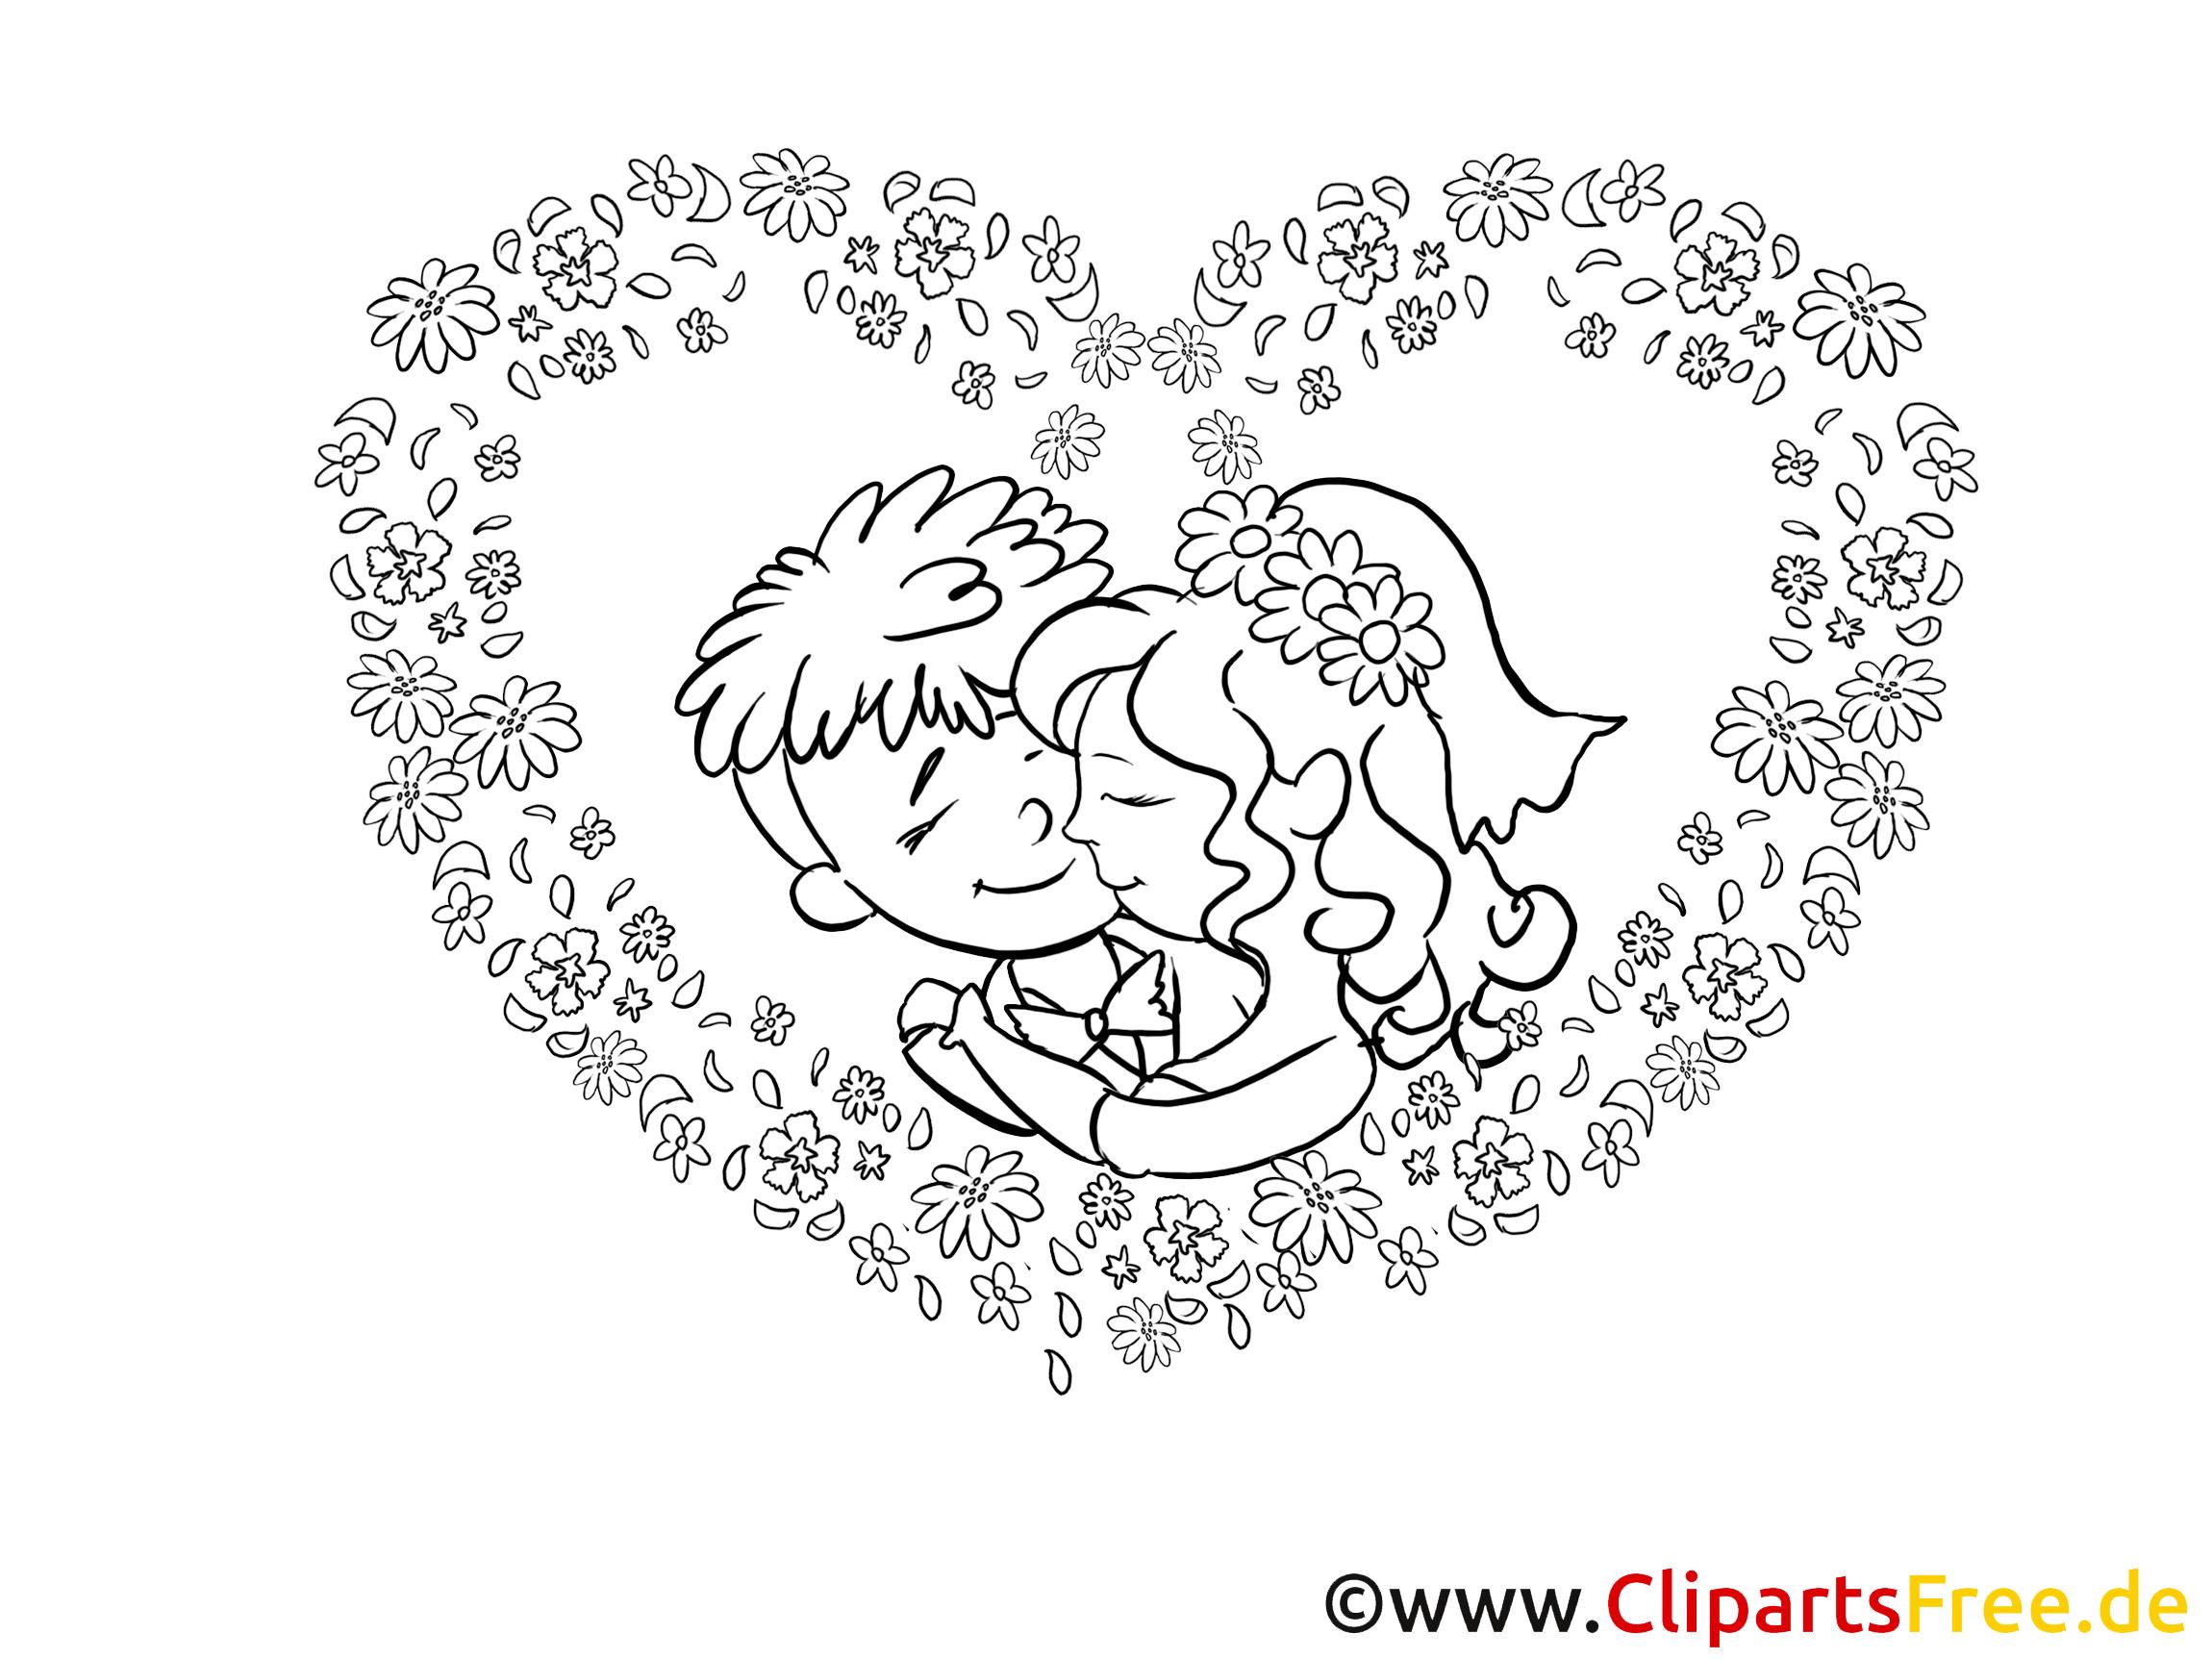 Ausmalbilder Auto Just Married : Hochzeit Bilder Cliparts Gifs Illustrationen Grafiken Kostenlos